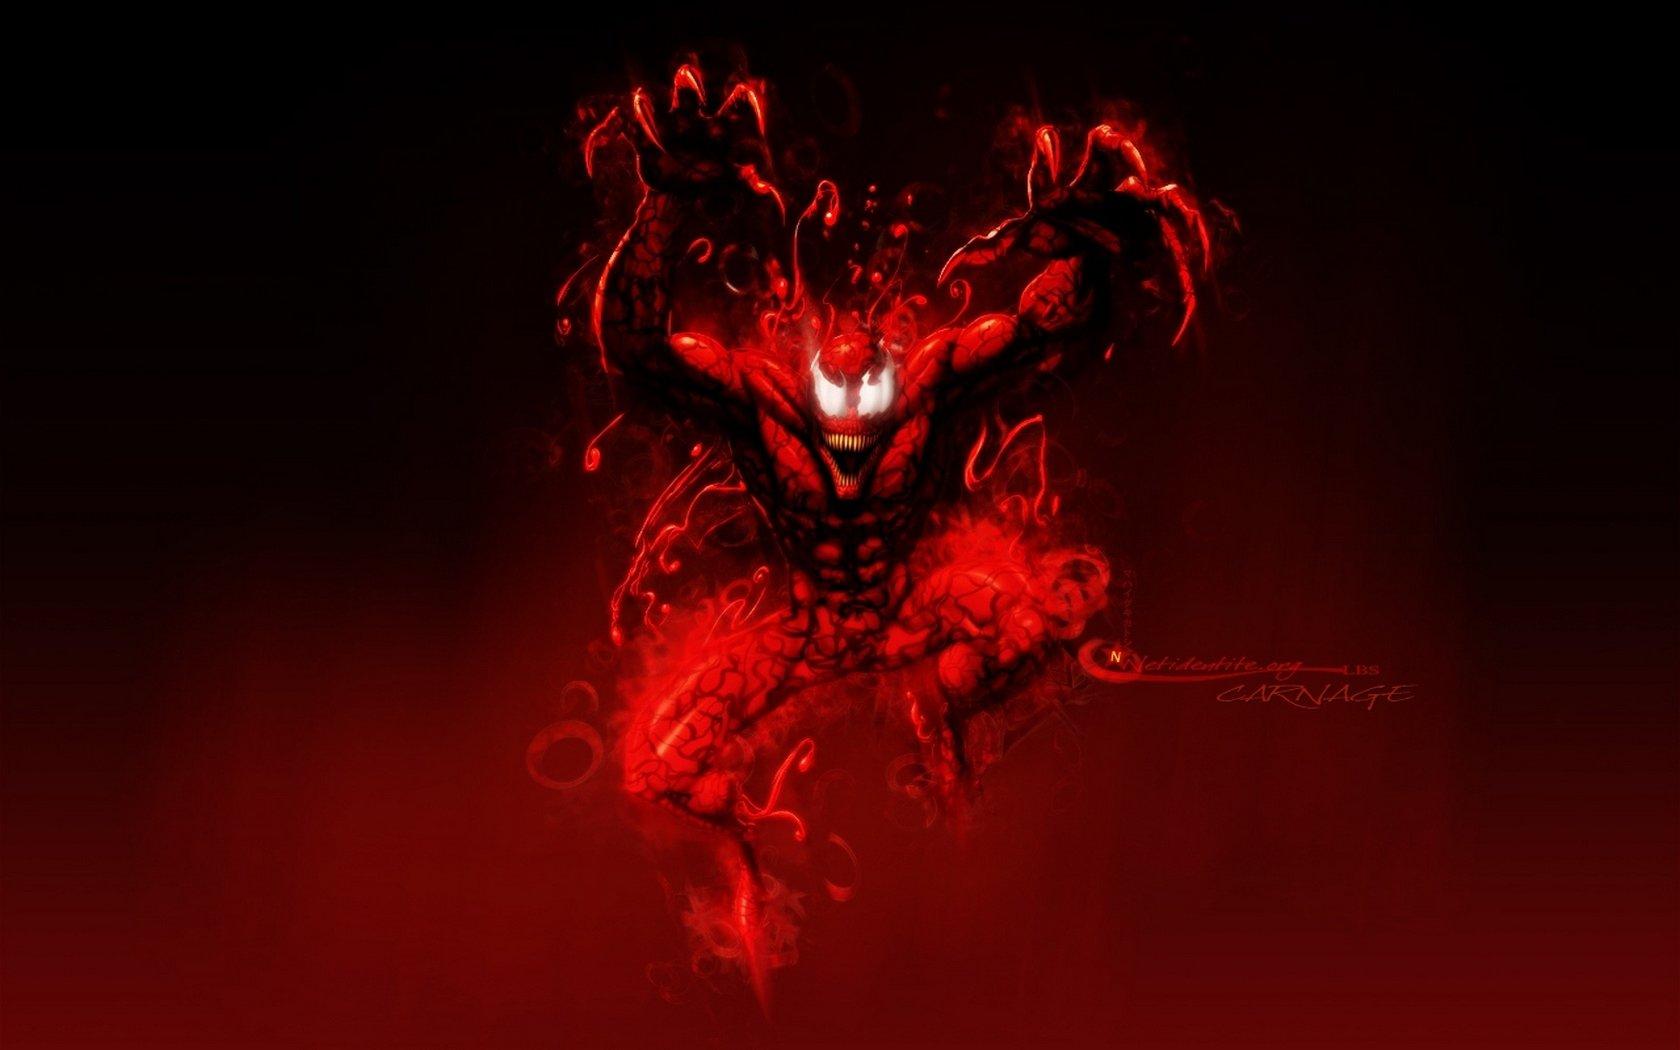 Fuentes de Informacin   Wallpaper HD Spiderman Venom Carnage 1680x1050